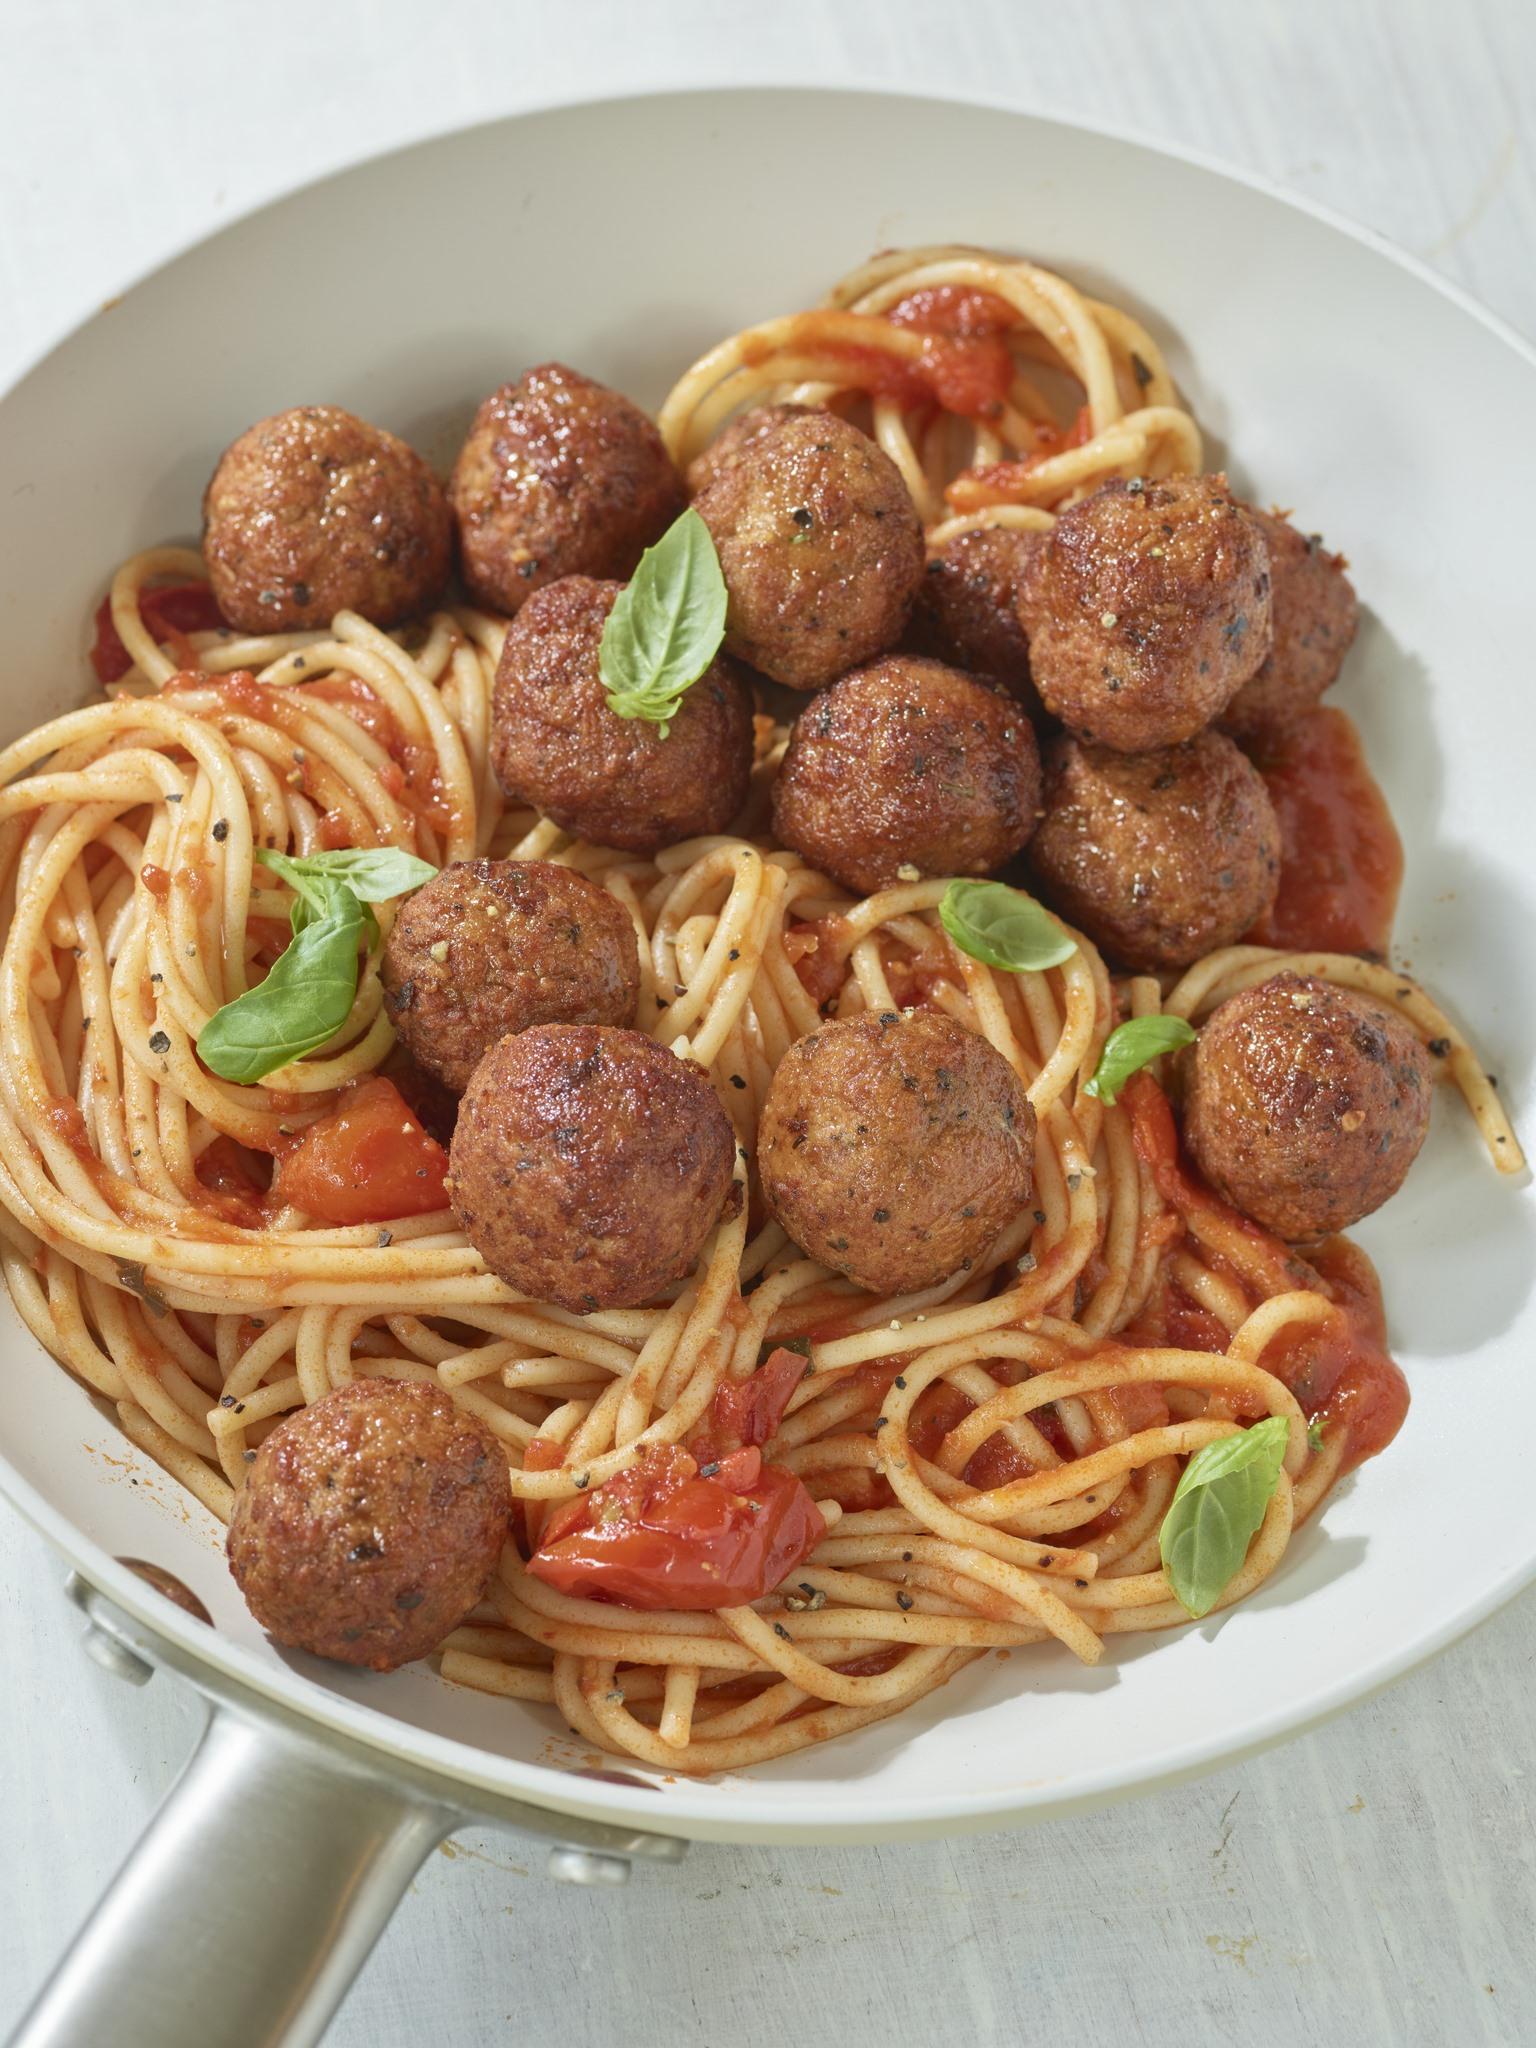 Tomato and Basil Meatballs